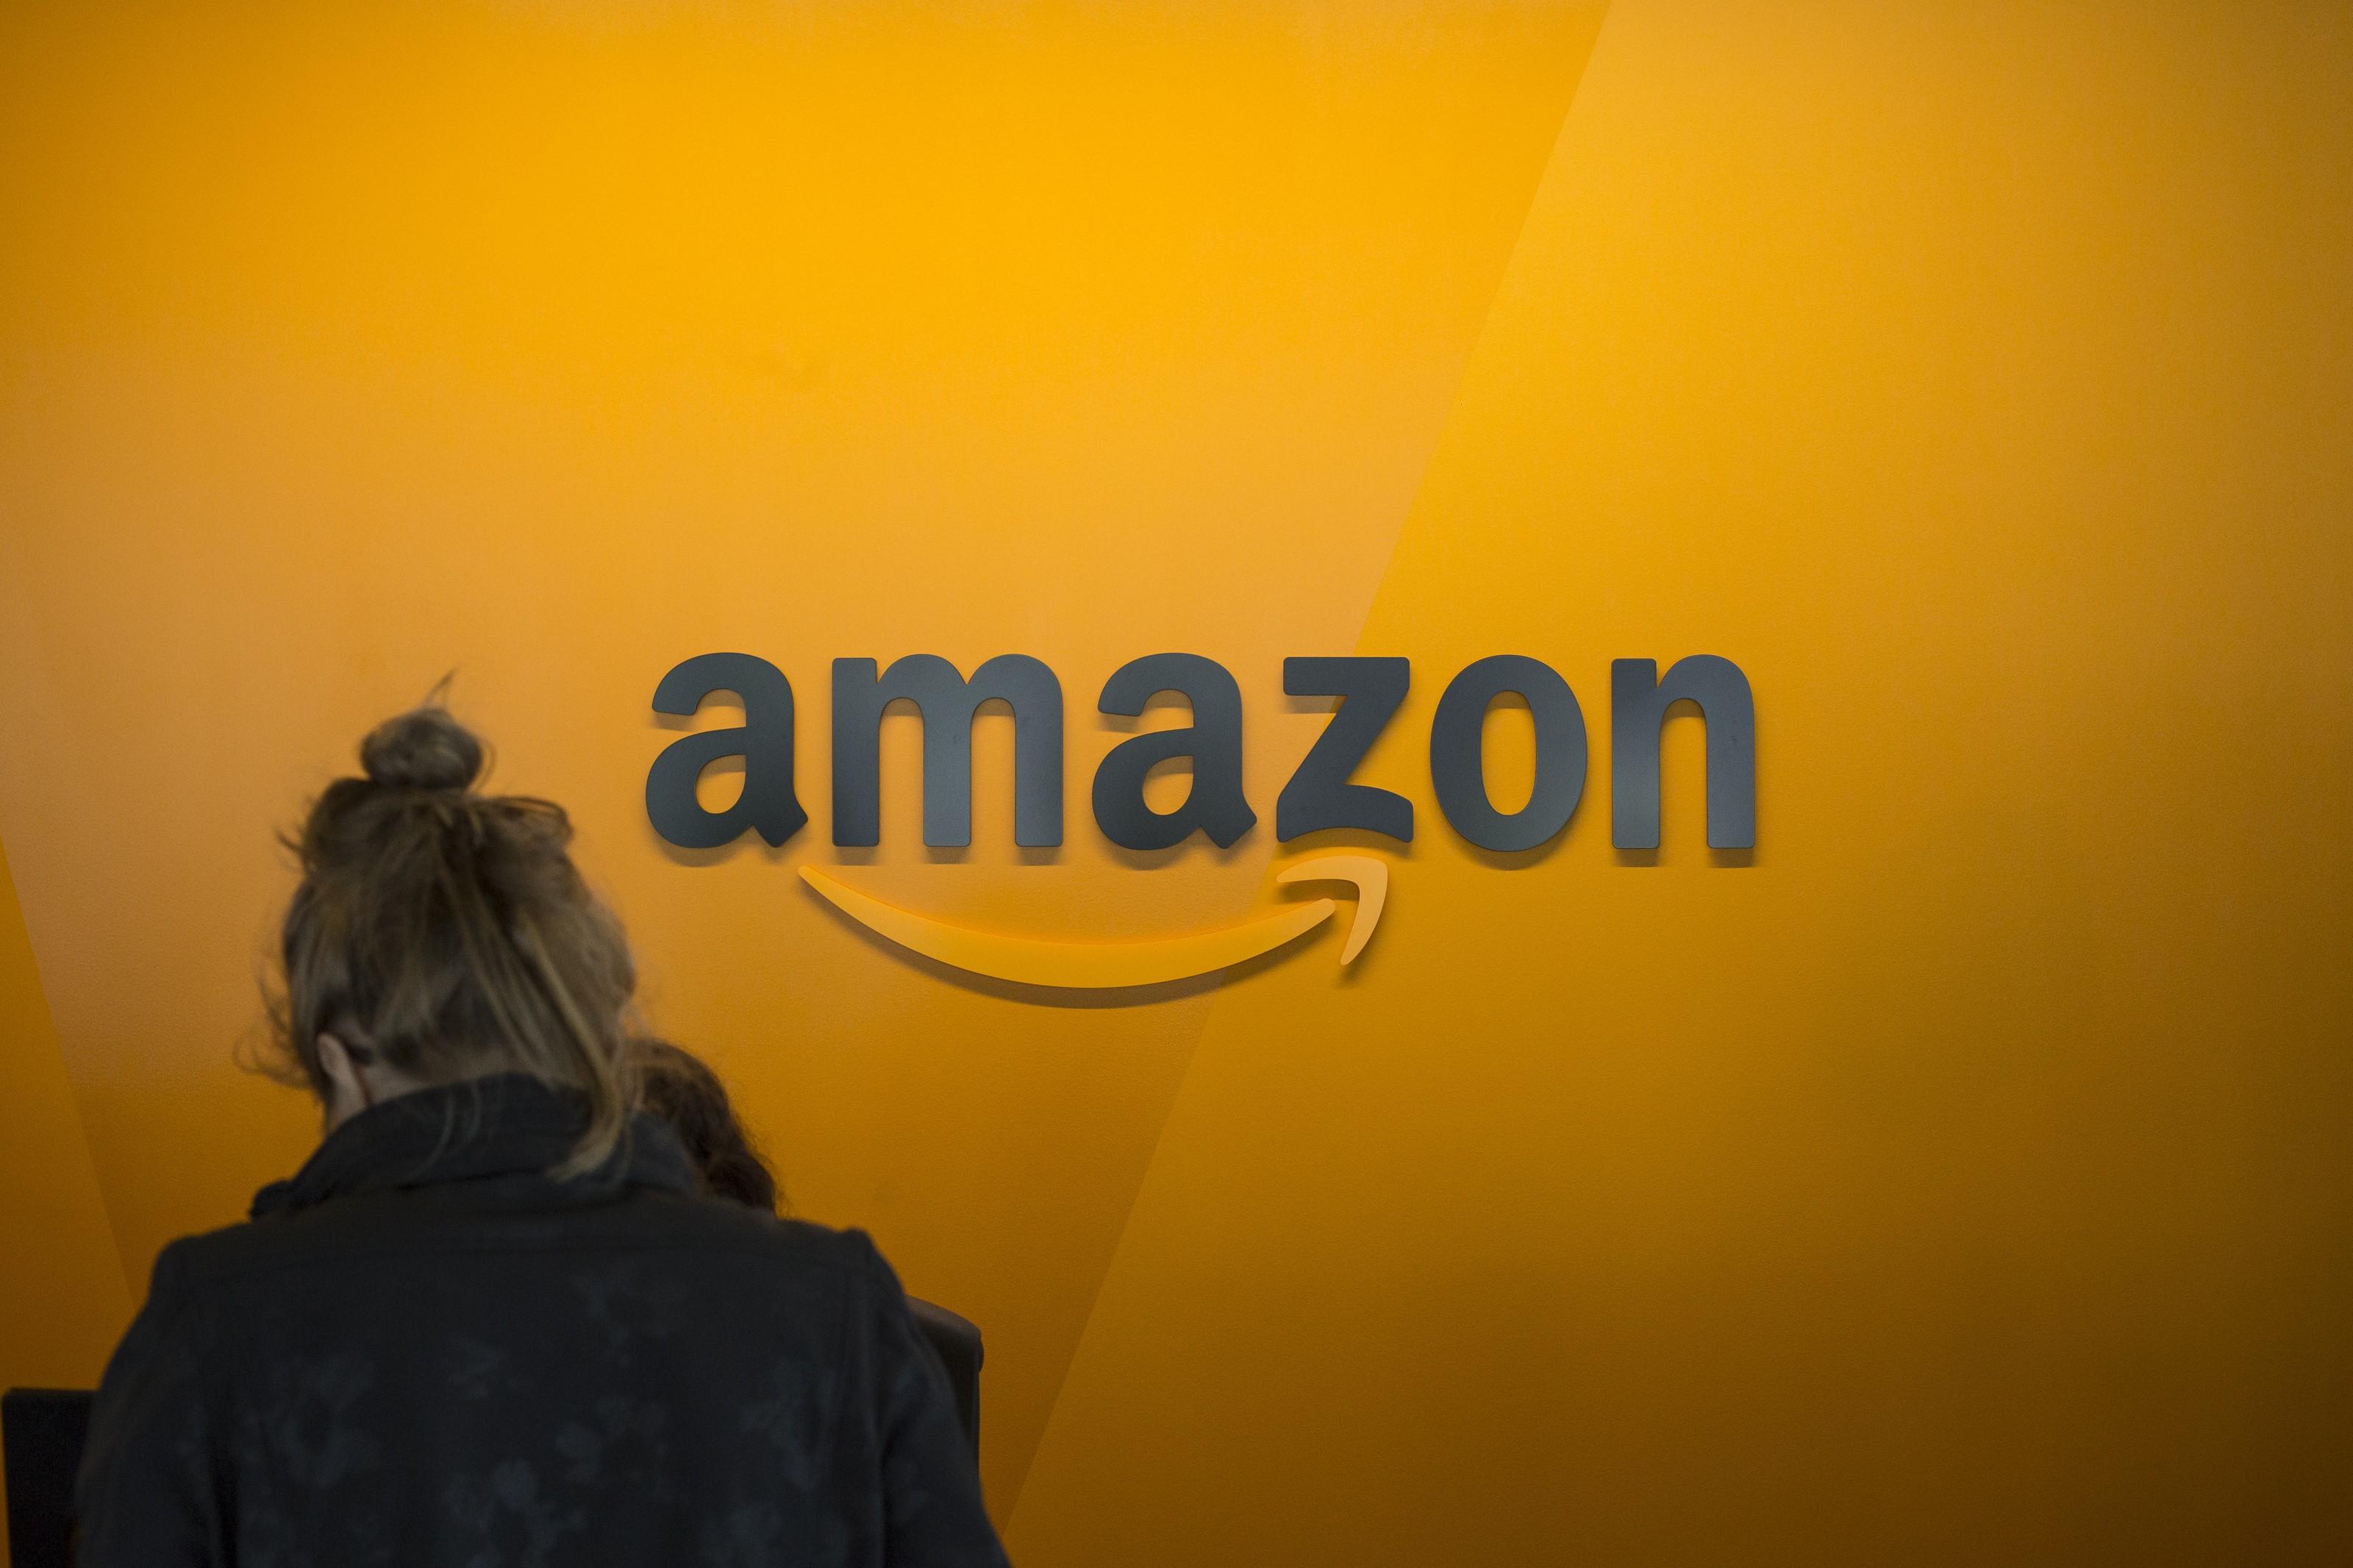 Valor de mercado da Amazon supera US$ 900 bilhões, e empresa se aproxima da Apple